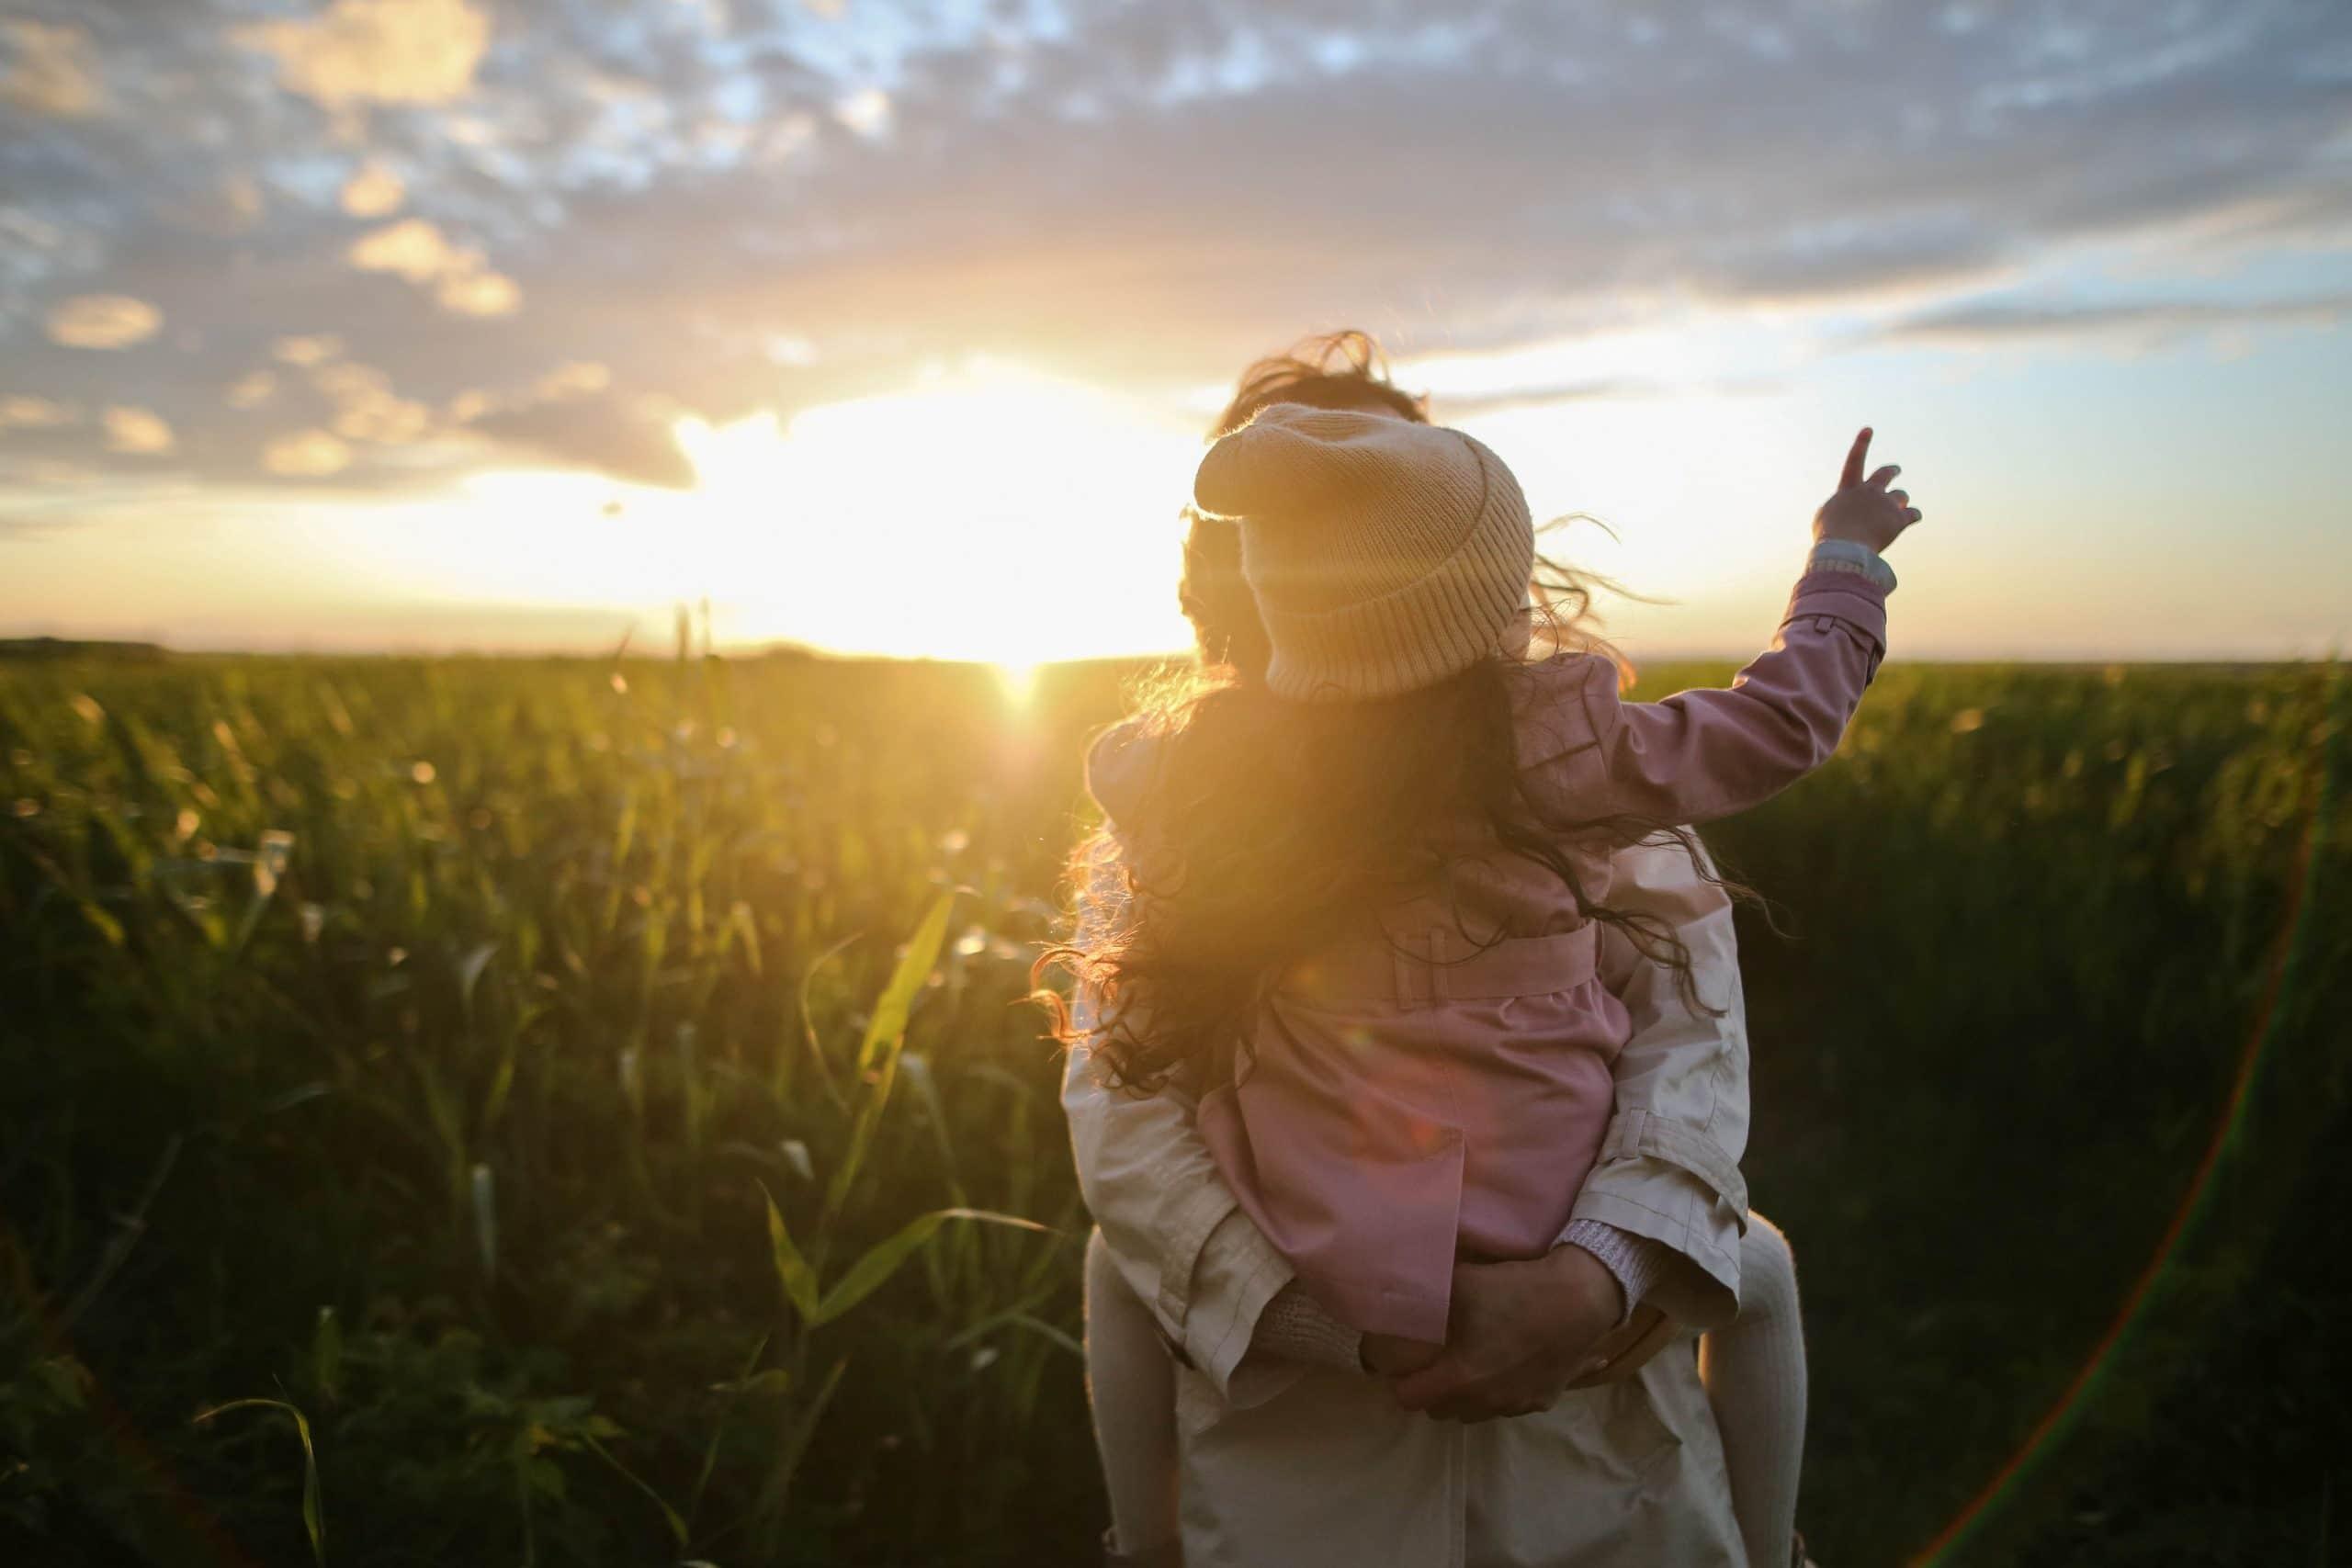 Criança nas costas de adulto em campo